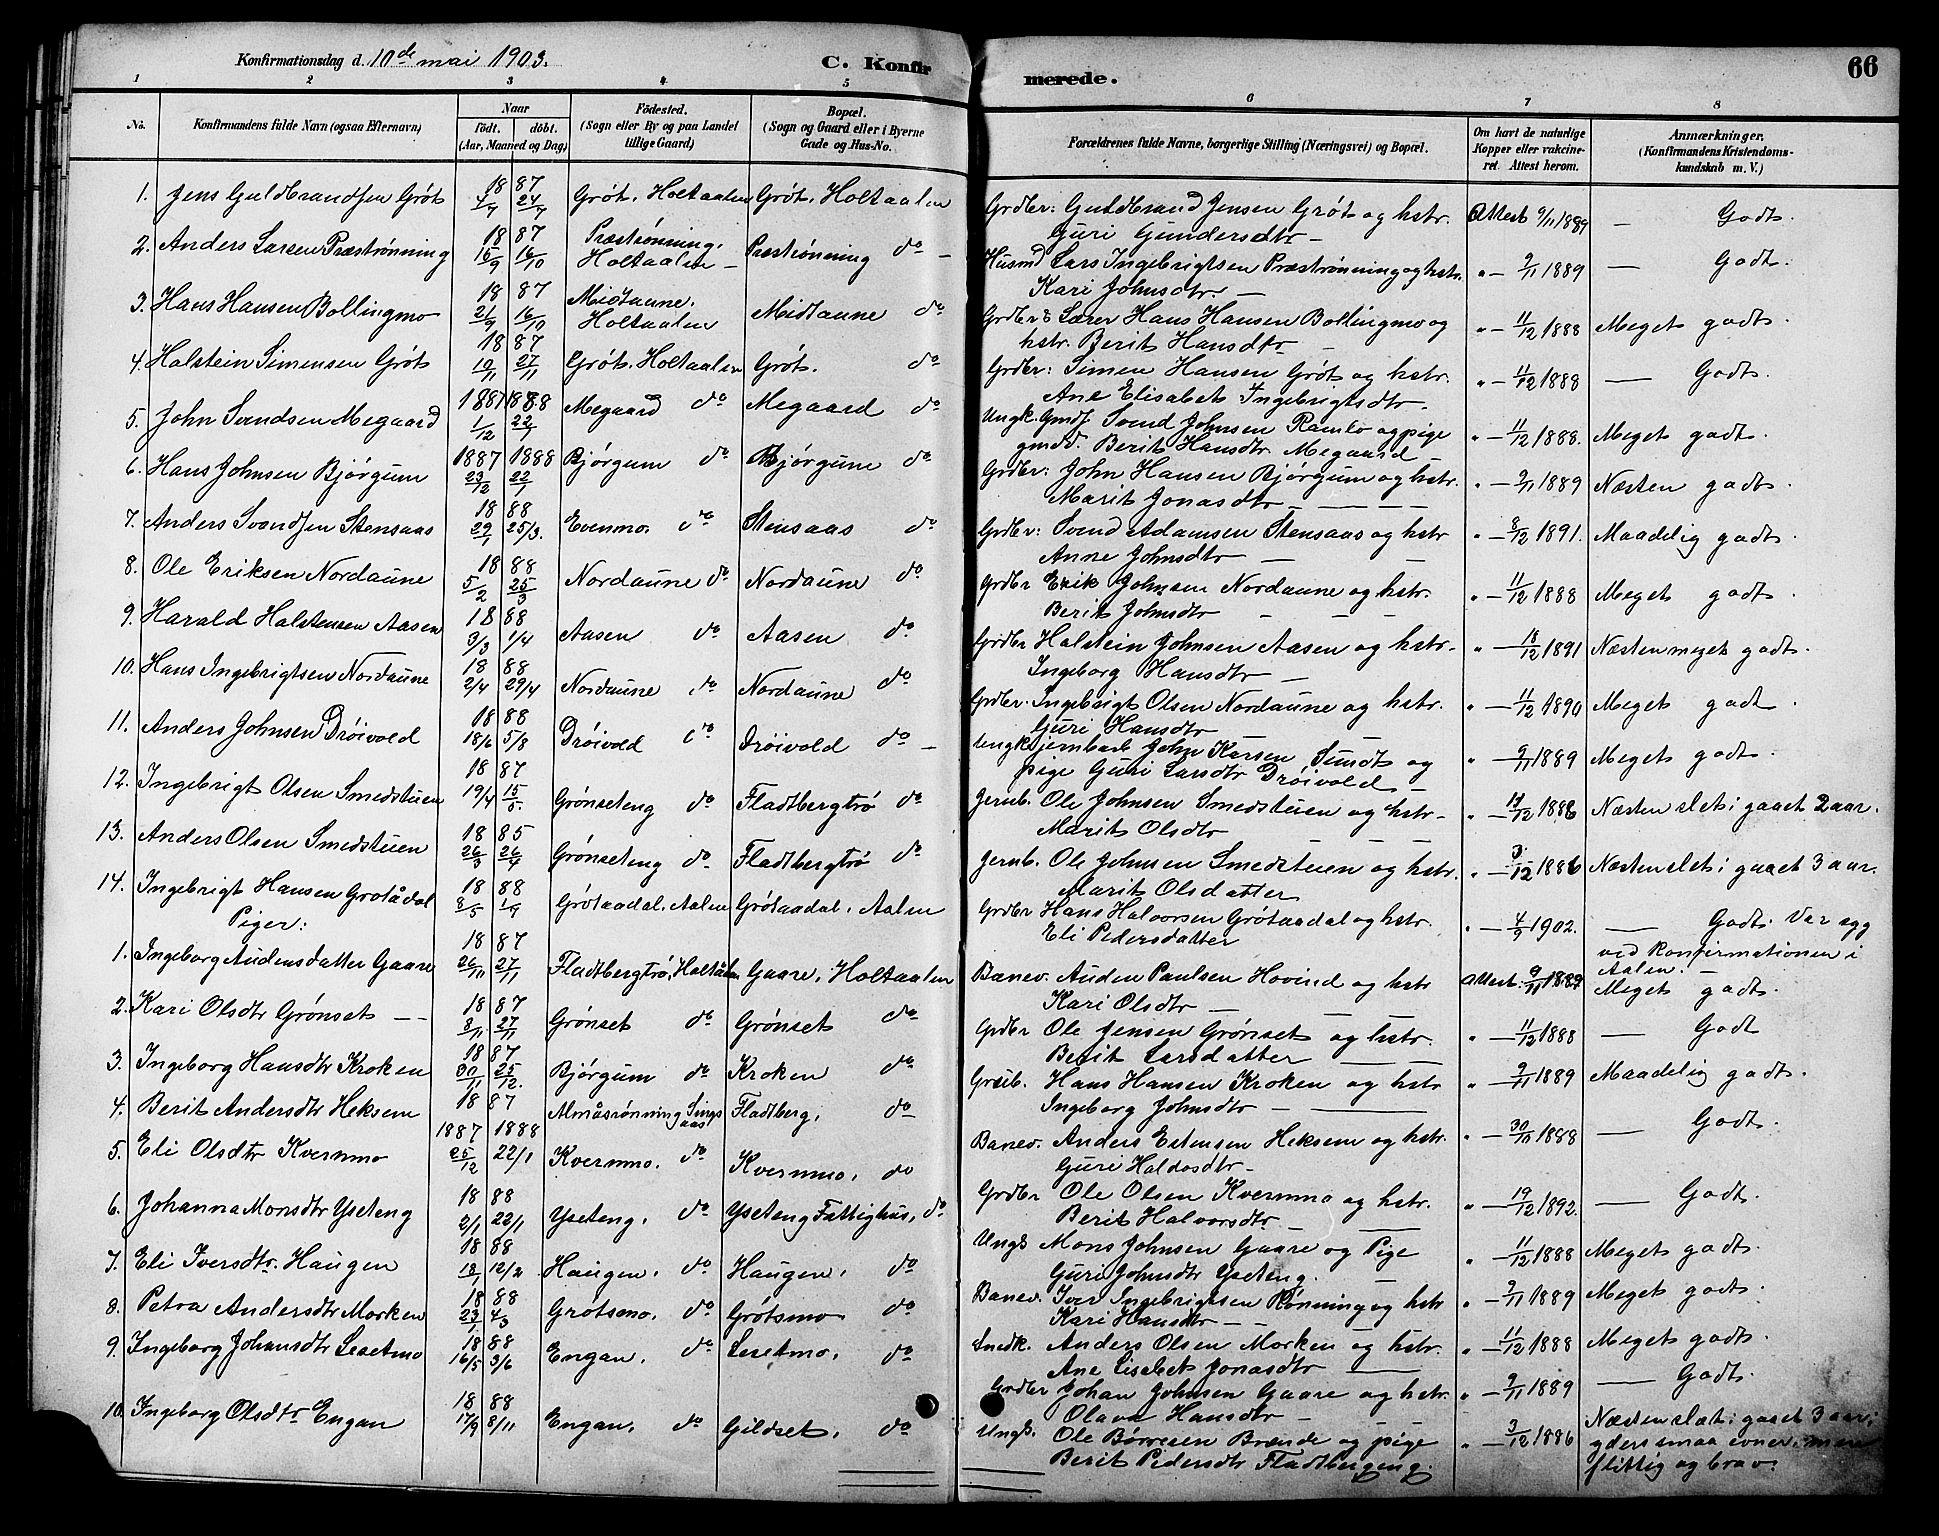 SAT, Ministerialprotokoller, klokkerbøker og fødselsregistre - Sør-Trøndelag, 685/L0978: Klokkerbok nr. 685C03, 1891-1907, s. 66